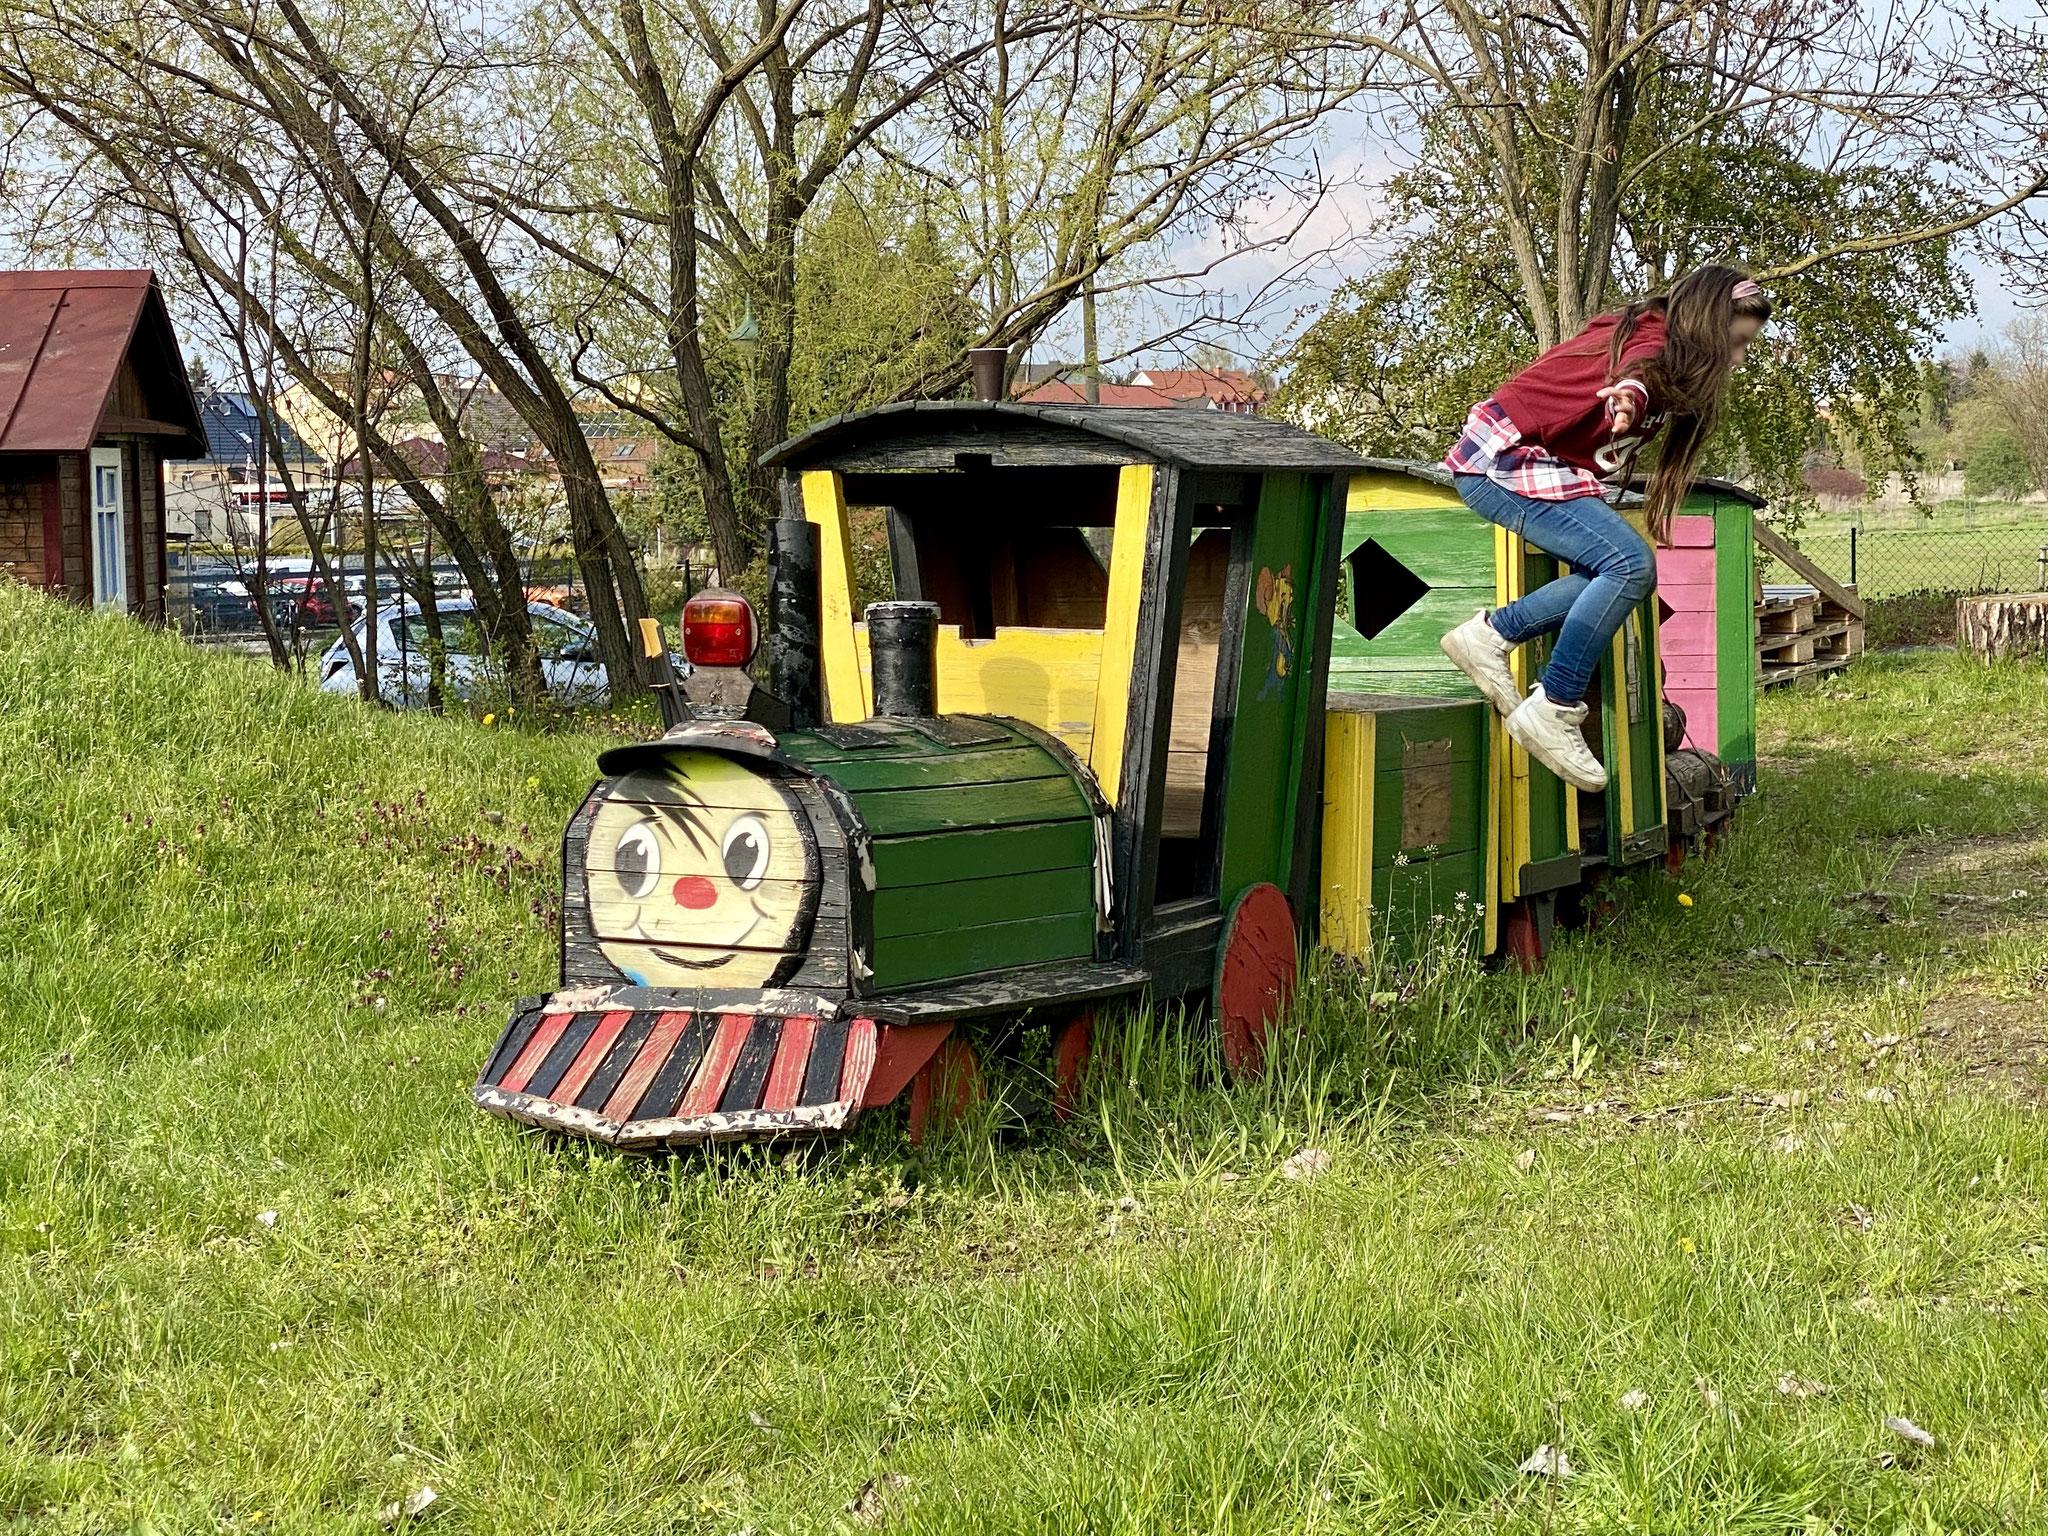 Do-It-Yourself und Upcycling werden bei der Spielplatzinitiative Marzahn großgeschrieben. Die riesige Holzeisenbahn besteht komplett aus Material vom Sperrmüll.